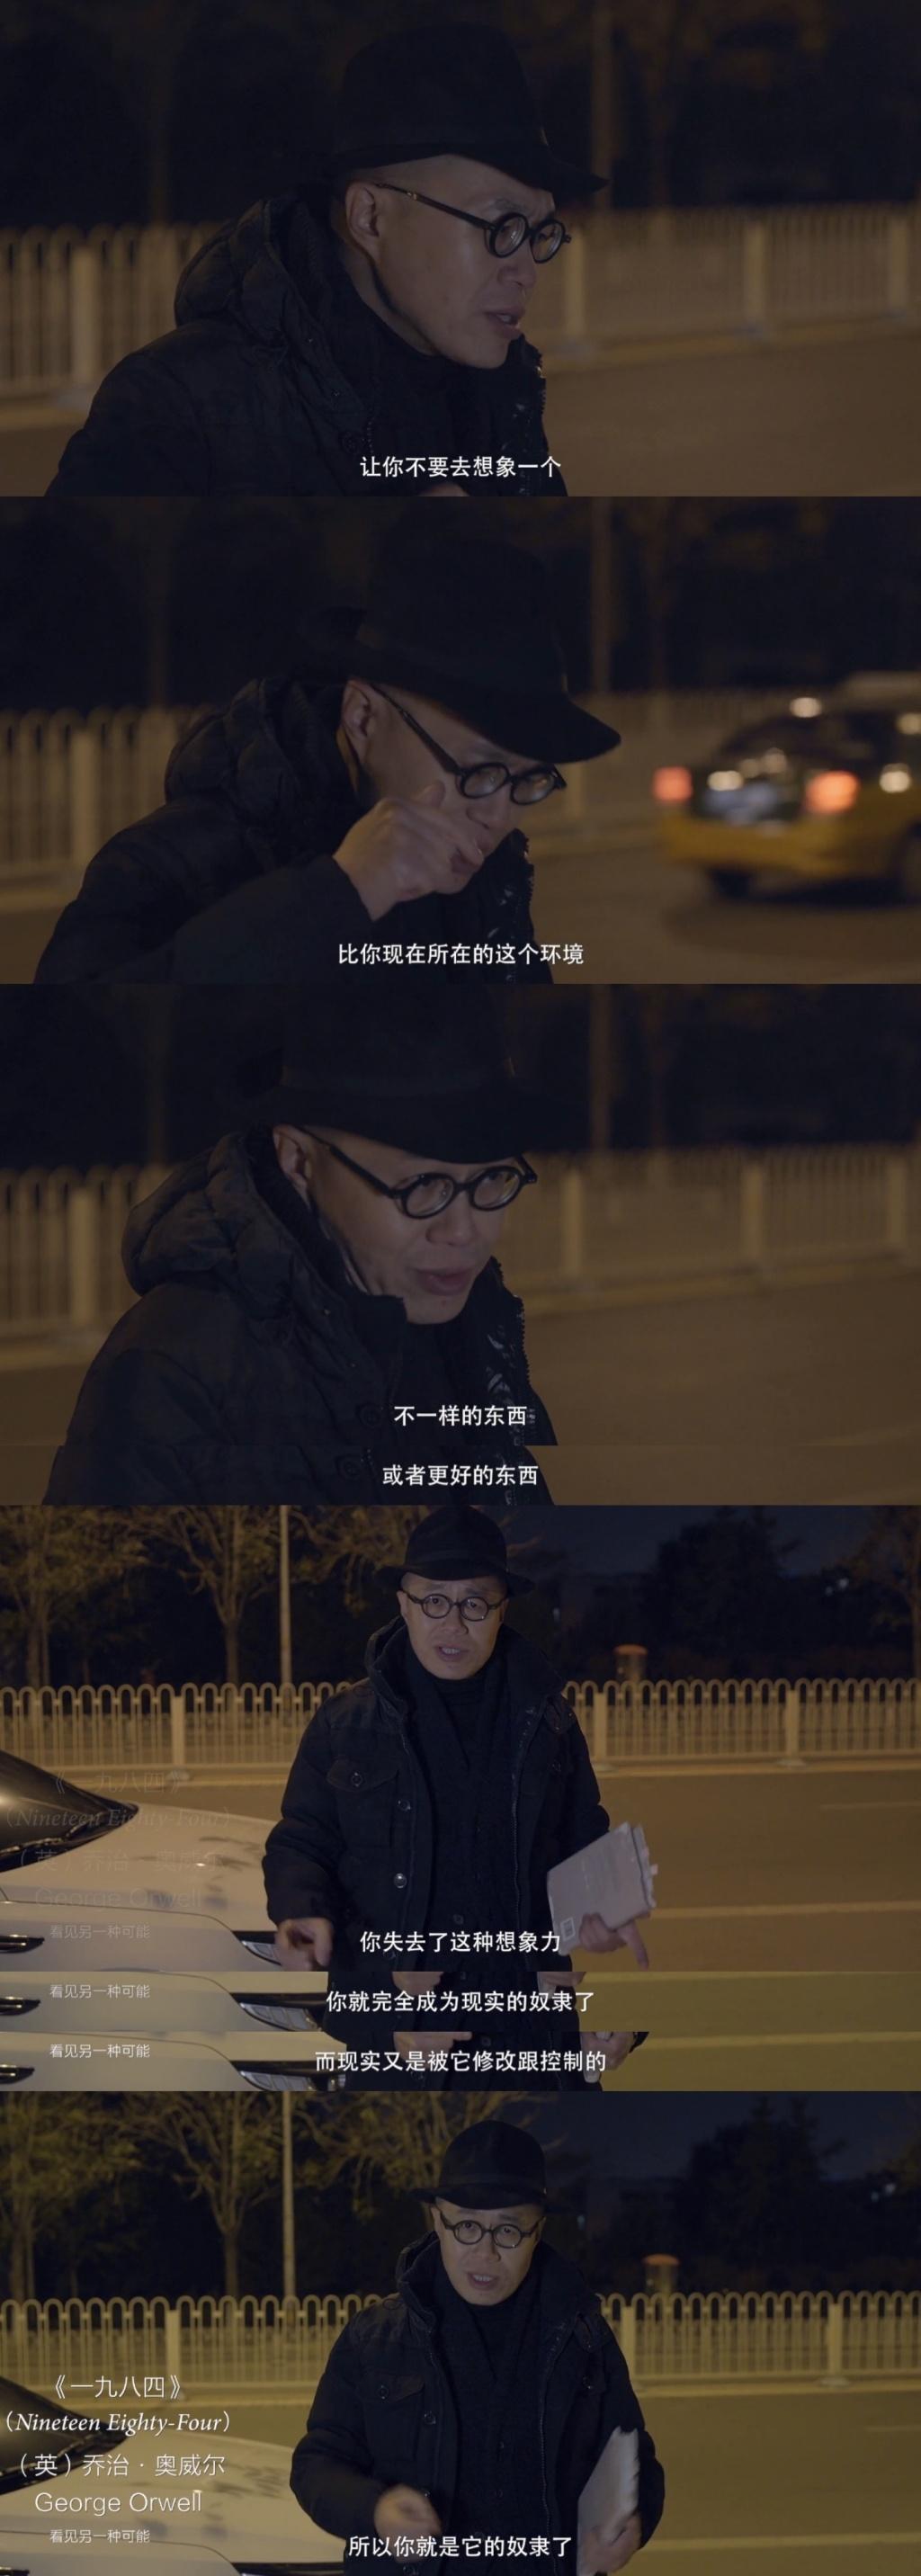 【麻辣总局】一档文化节目的求生欲